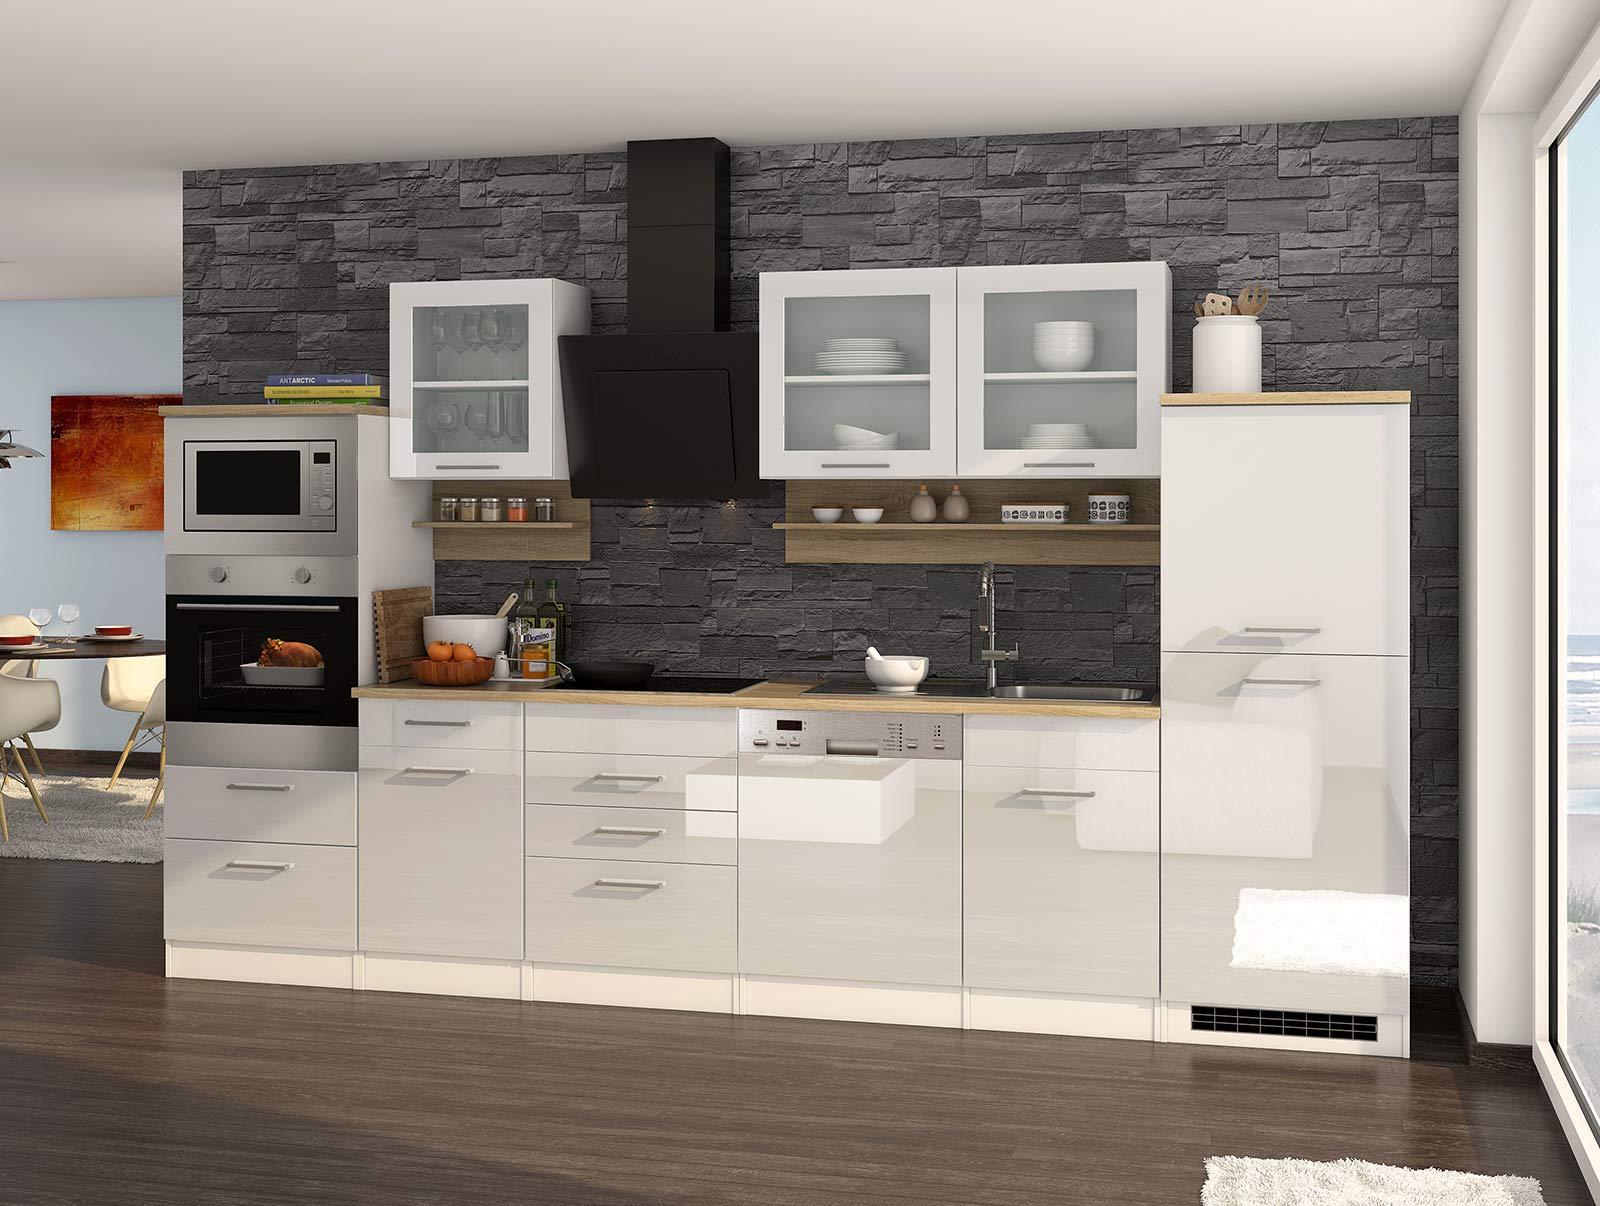 Lifestyle4Living Küchenblock, weiß Hochglanz, Stellmaß: ca. 340 cm, mit Elektrogeräten inkl. Geschirrspüler und Mikrowelle